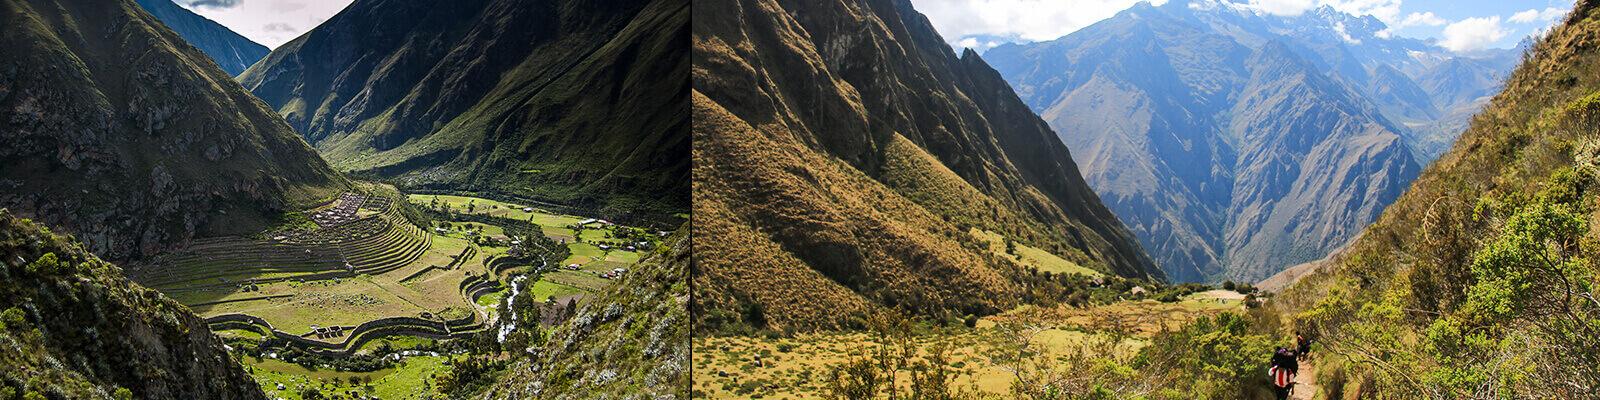 inca-trail-a-machu-picchu-andes-tours